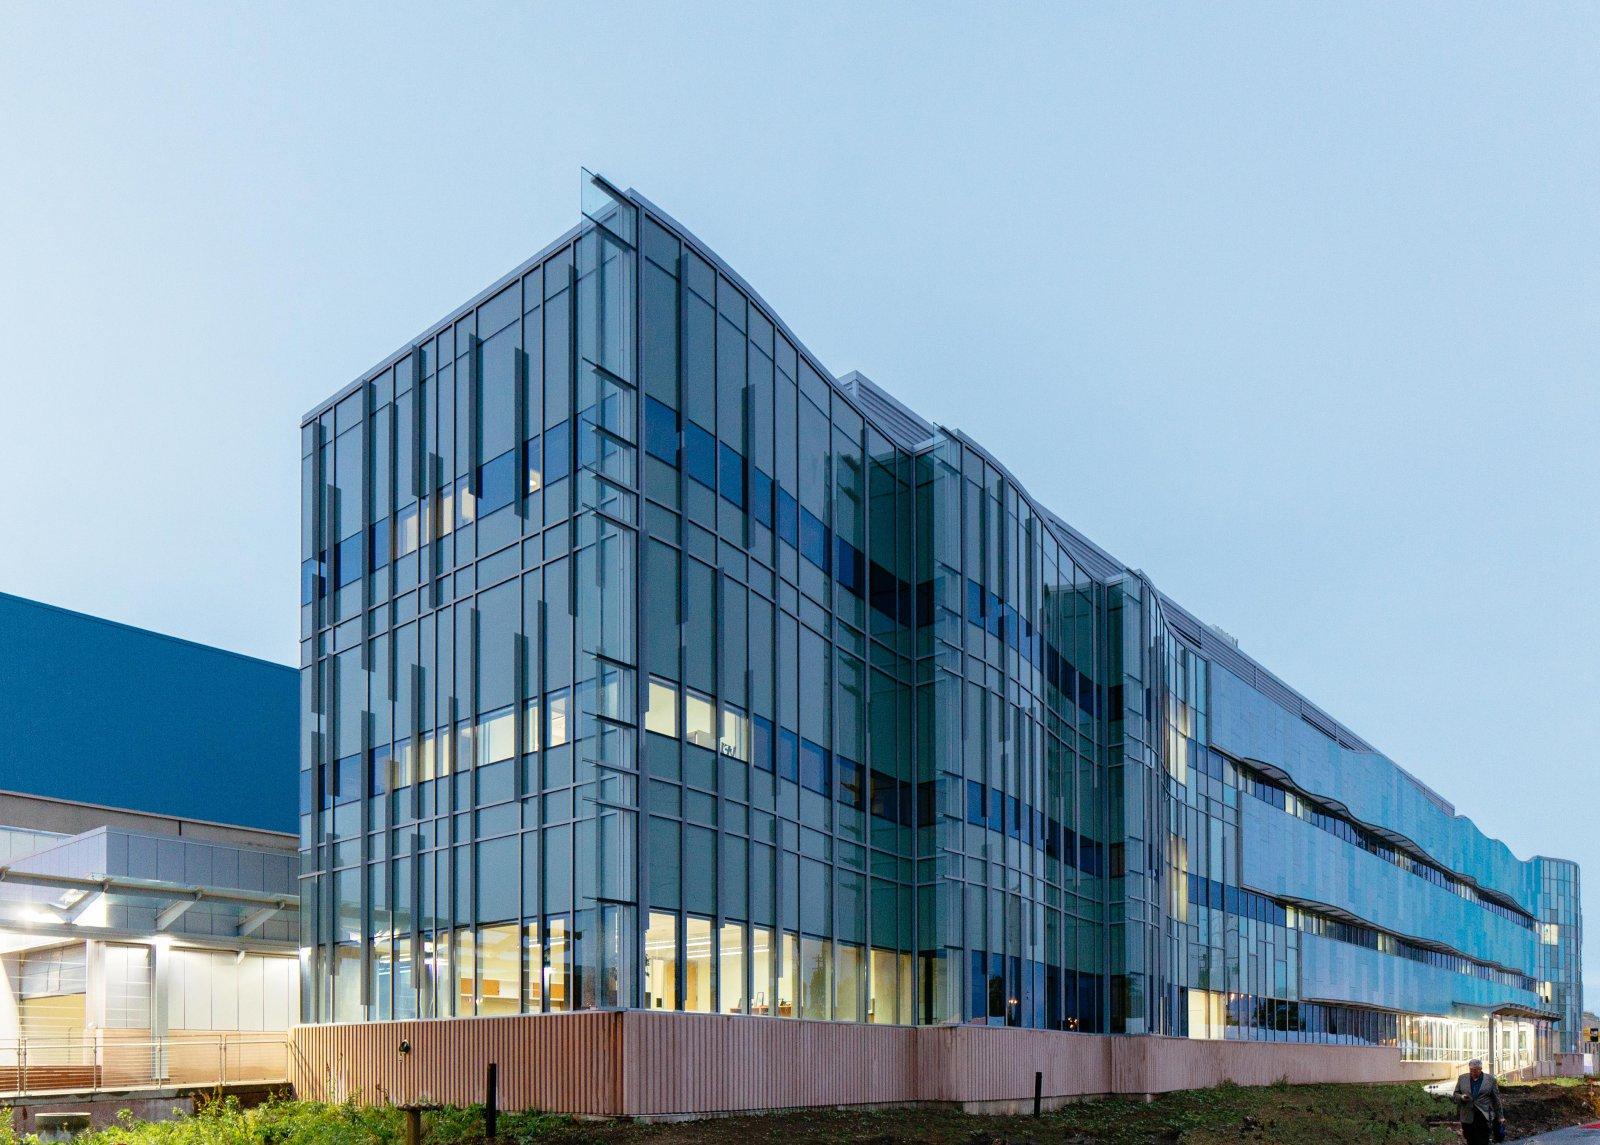 UWM School of Freshwater Sciences